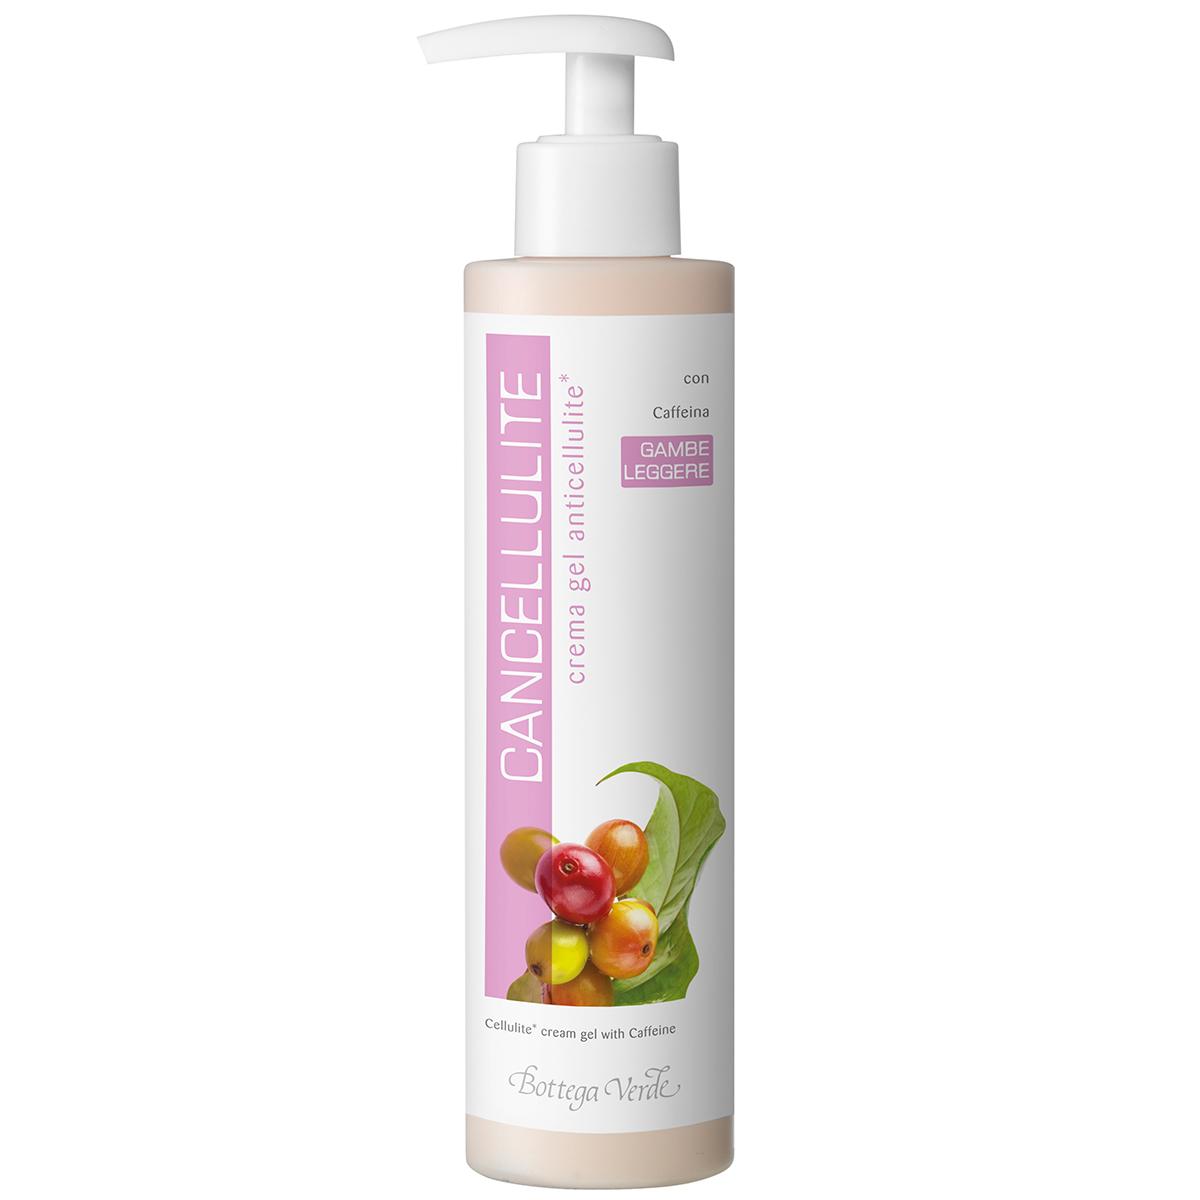 Cancellulite - Crema Gel Anti-celulita Cu Cofeina